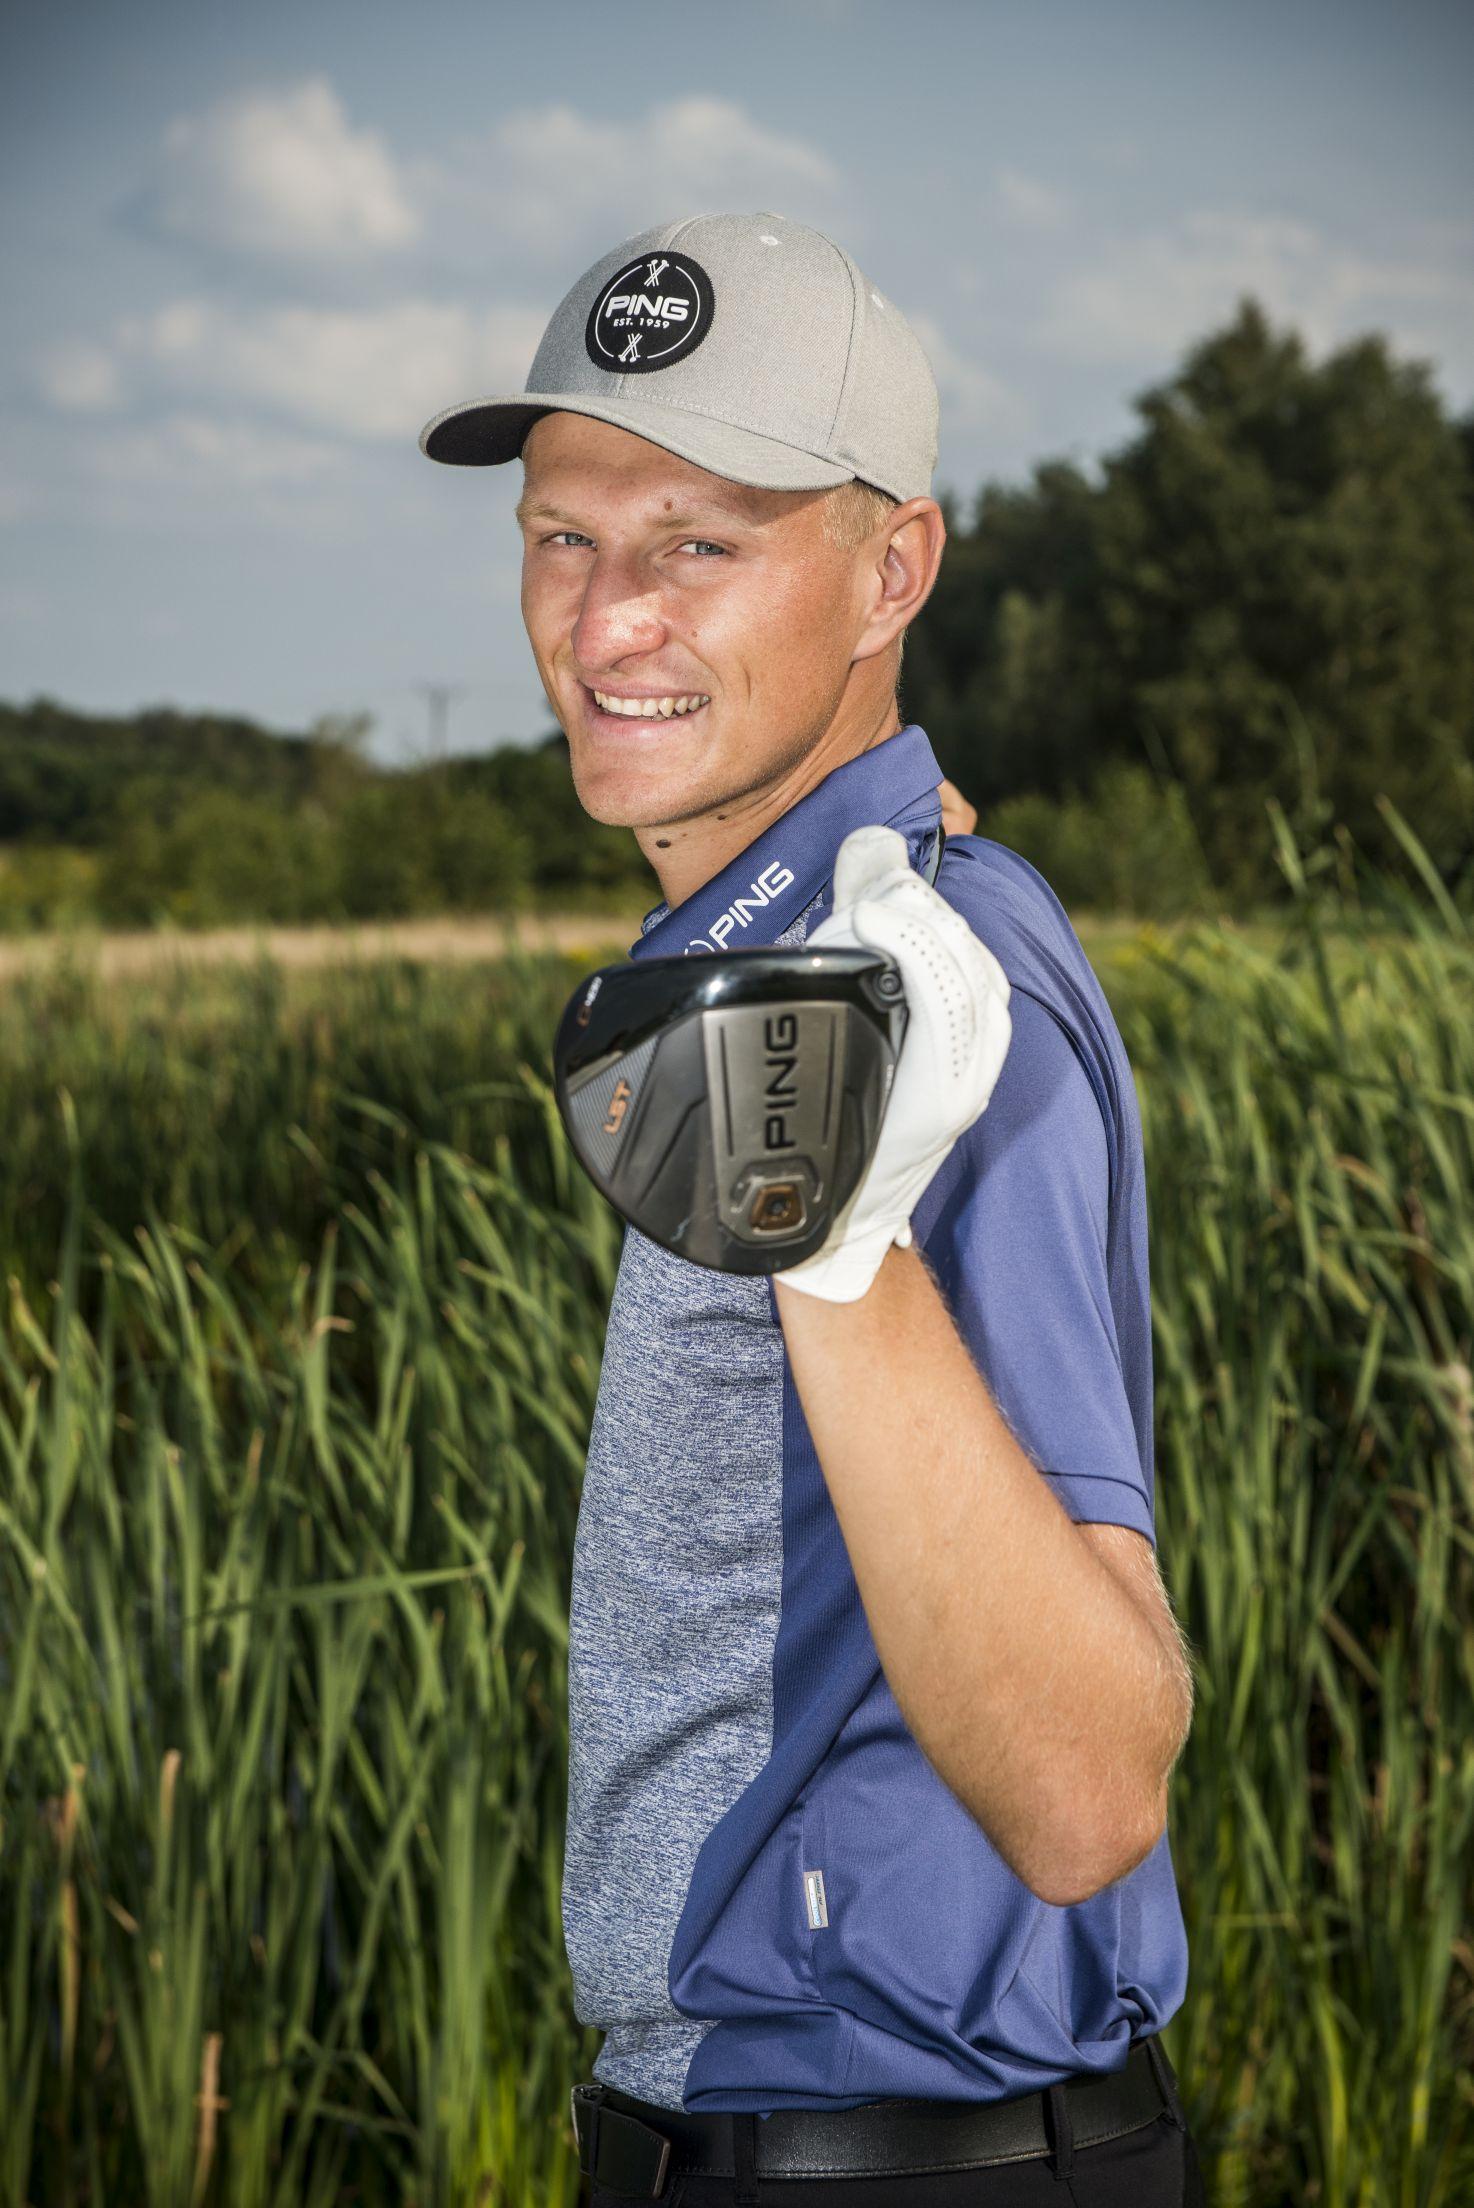 Adrian Meronk - Tour pro, najwyżej sklasyfikowany Polak w OWGR, członek PGA Polska